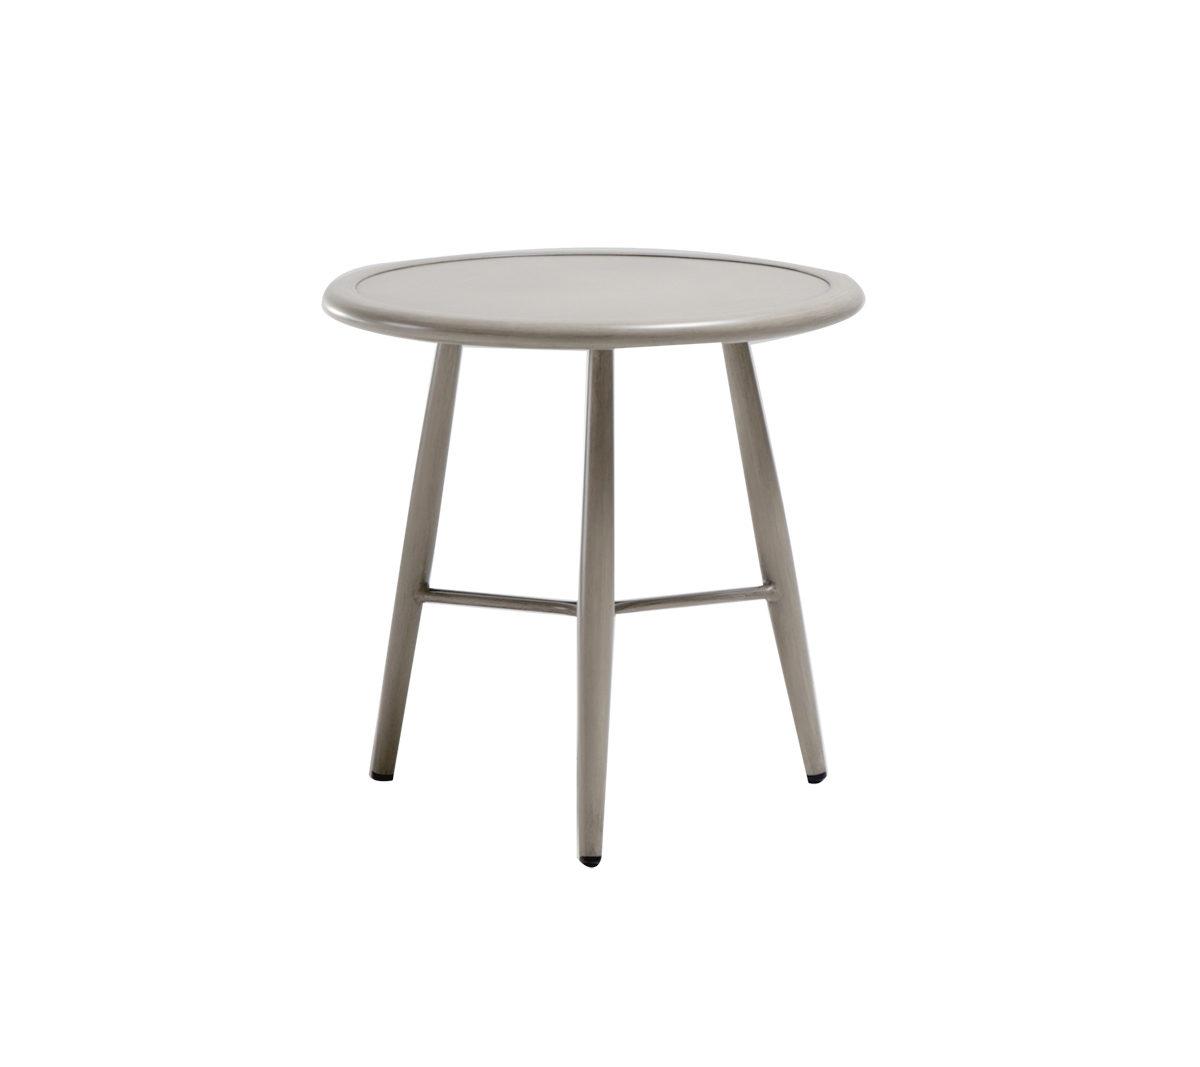 The Polanco end table by ratana.